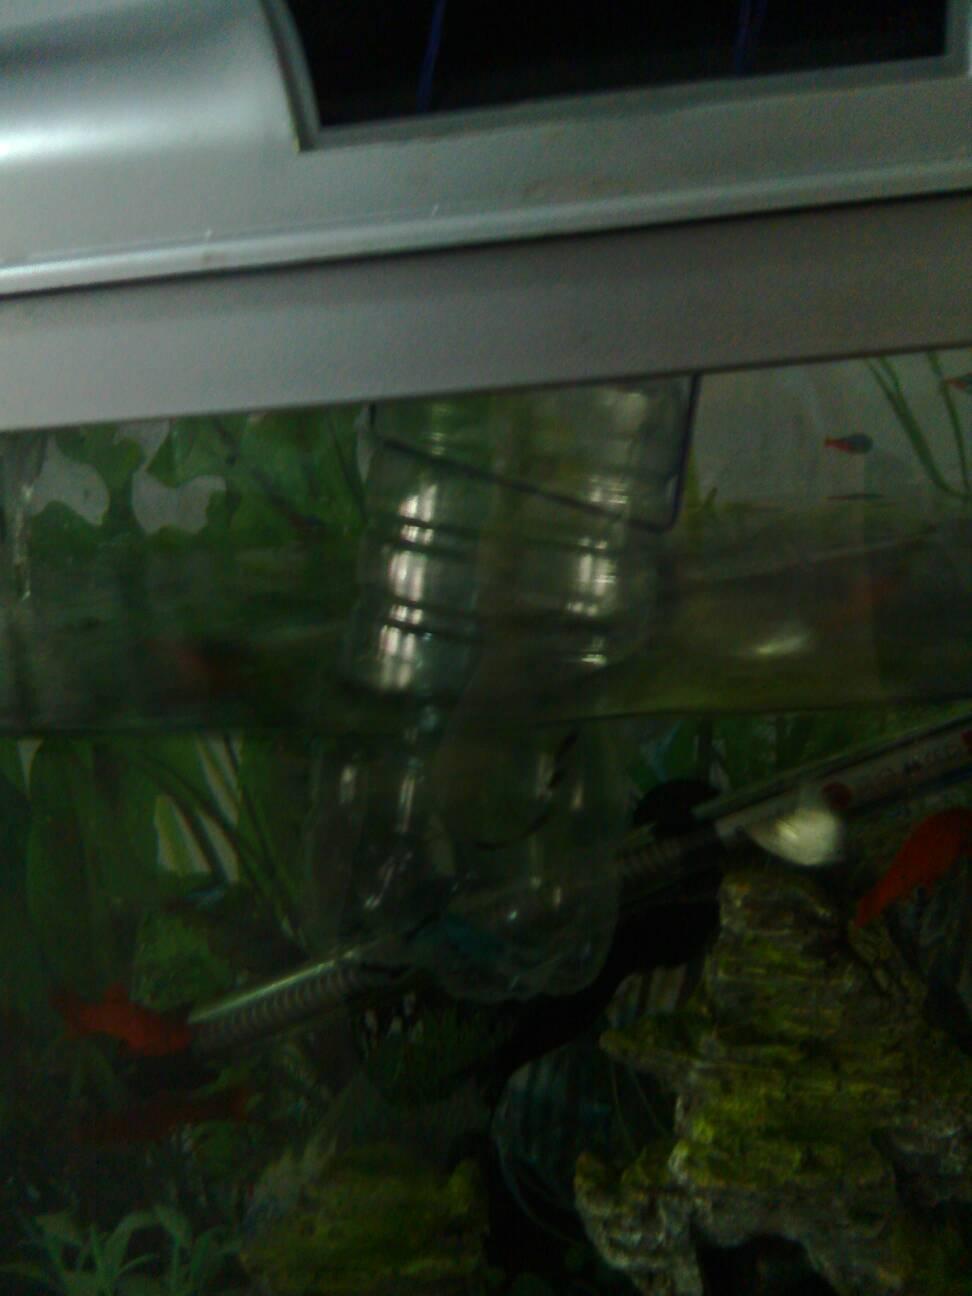 黒玛丽下崽了我把幼崽各矿泉水瓶里了室内温度太低我就把瓶子浮在鱼缸